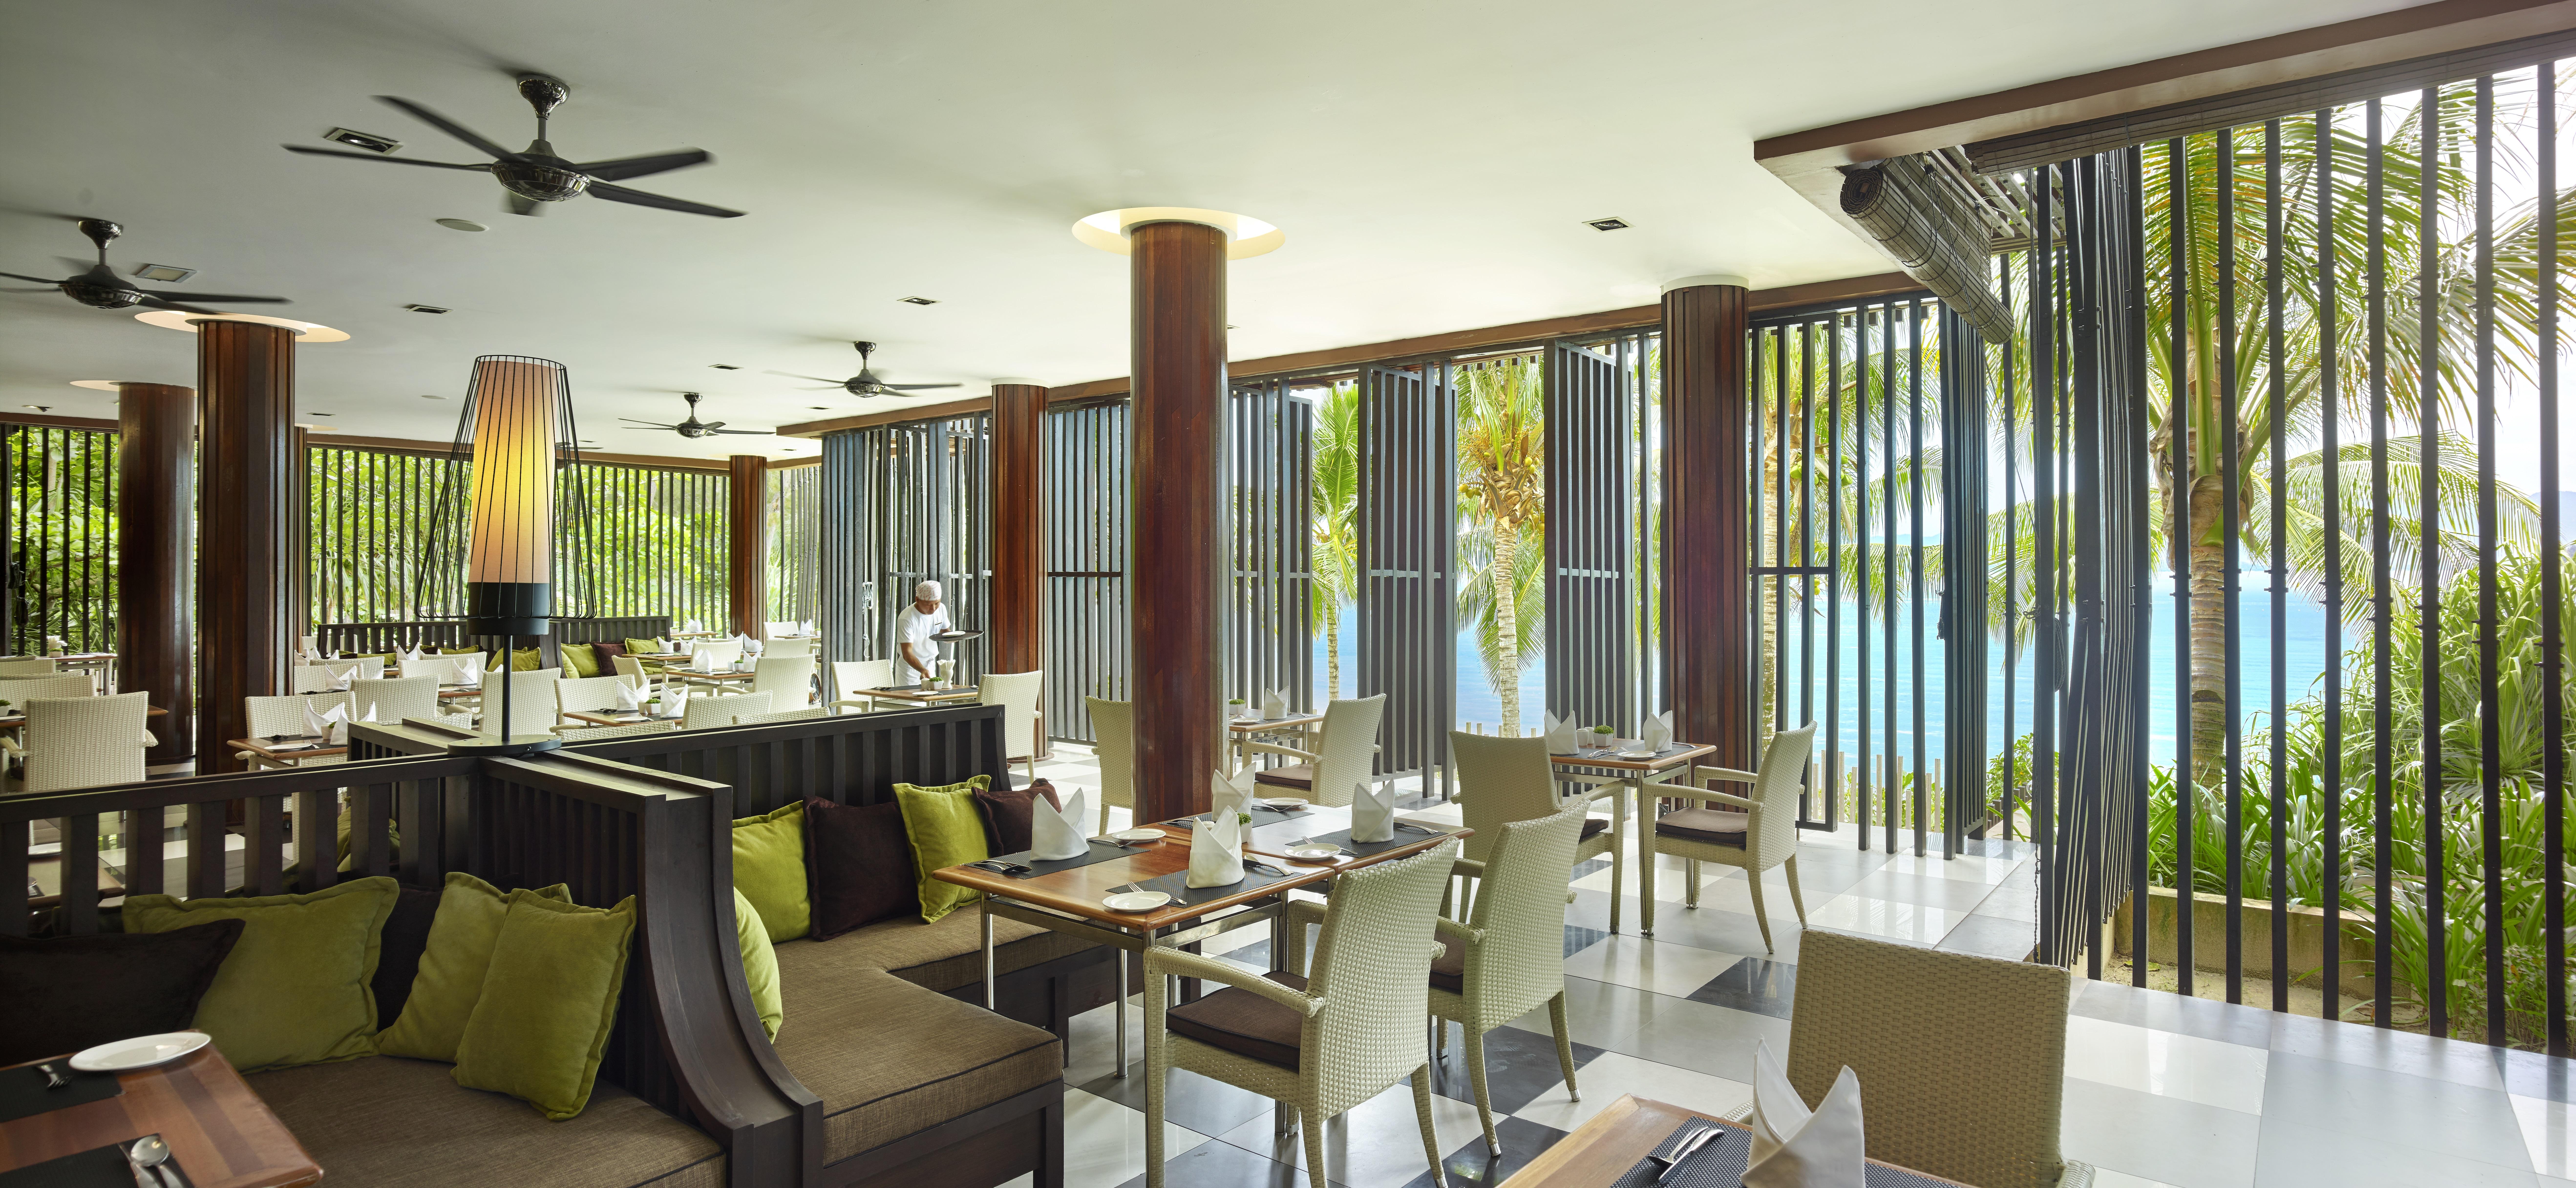 feast-village-restaurant-gaya-island